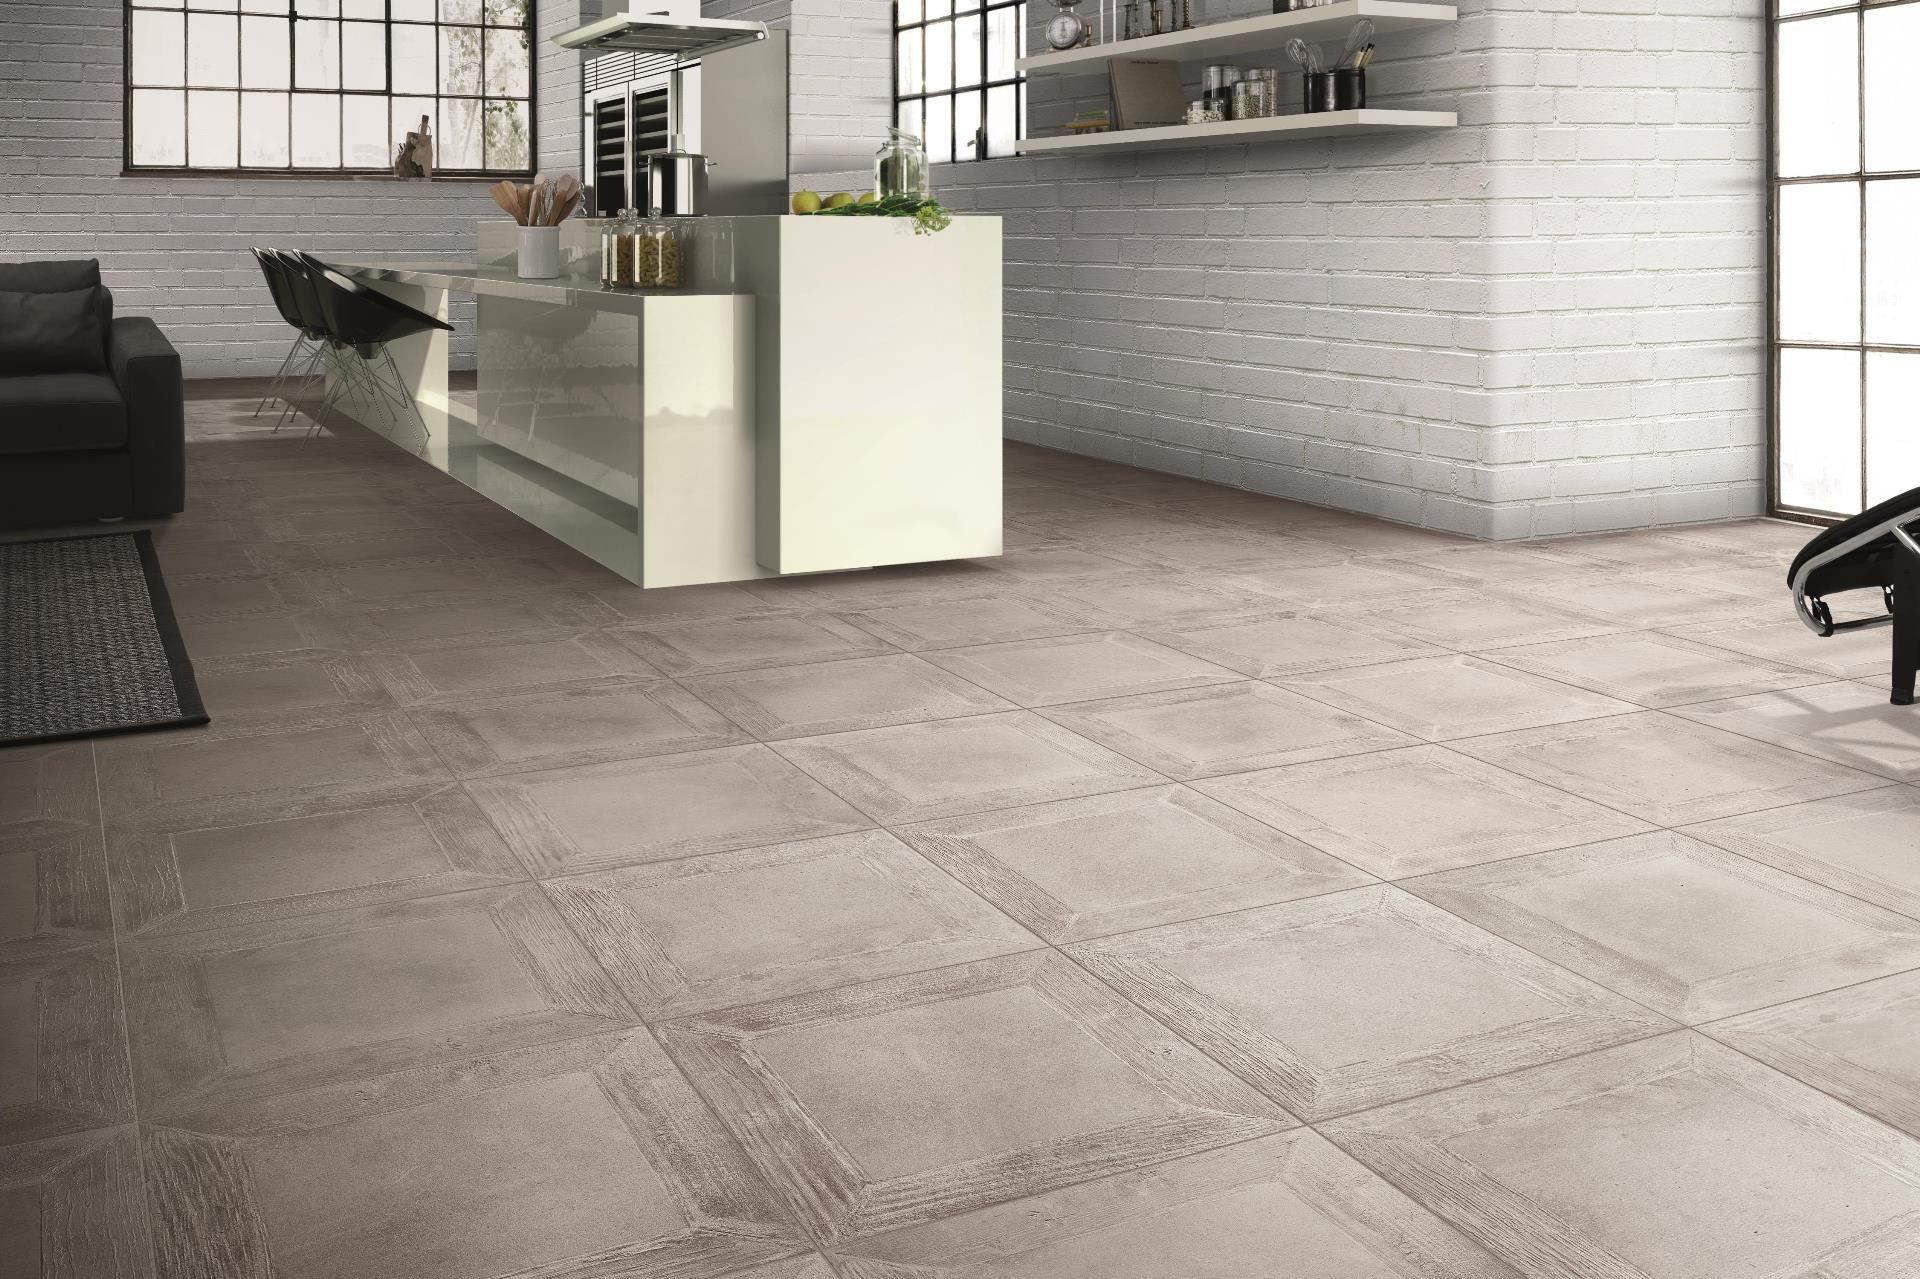 Cisa ceramiche boheme grigio wooden look tiles square pattern